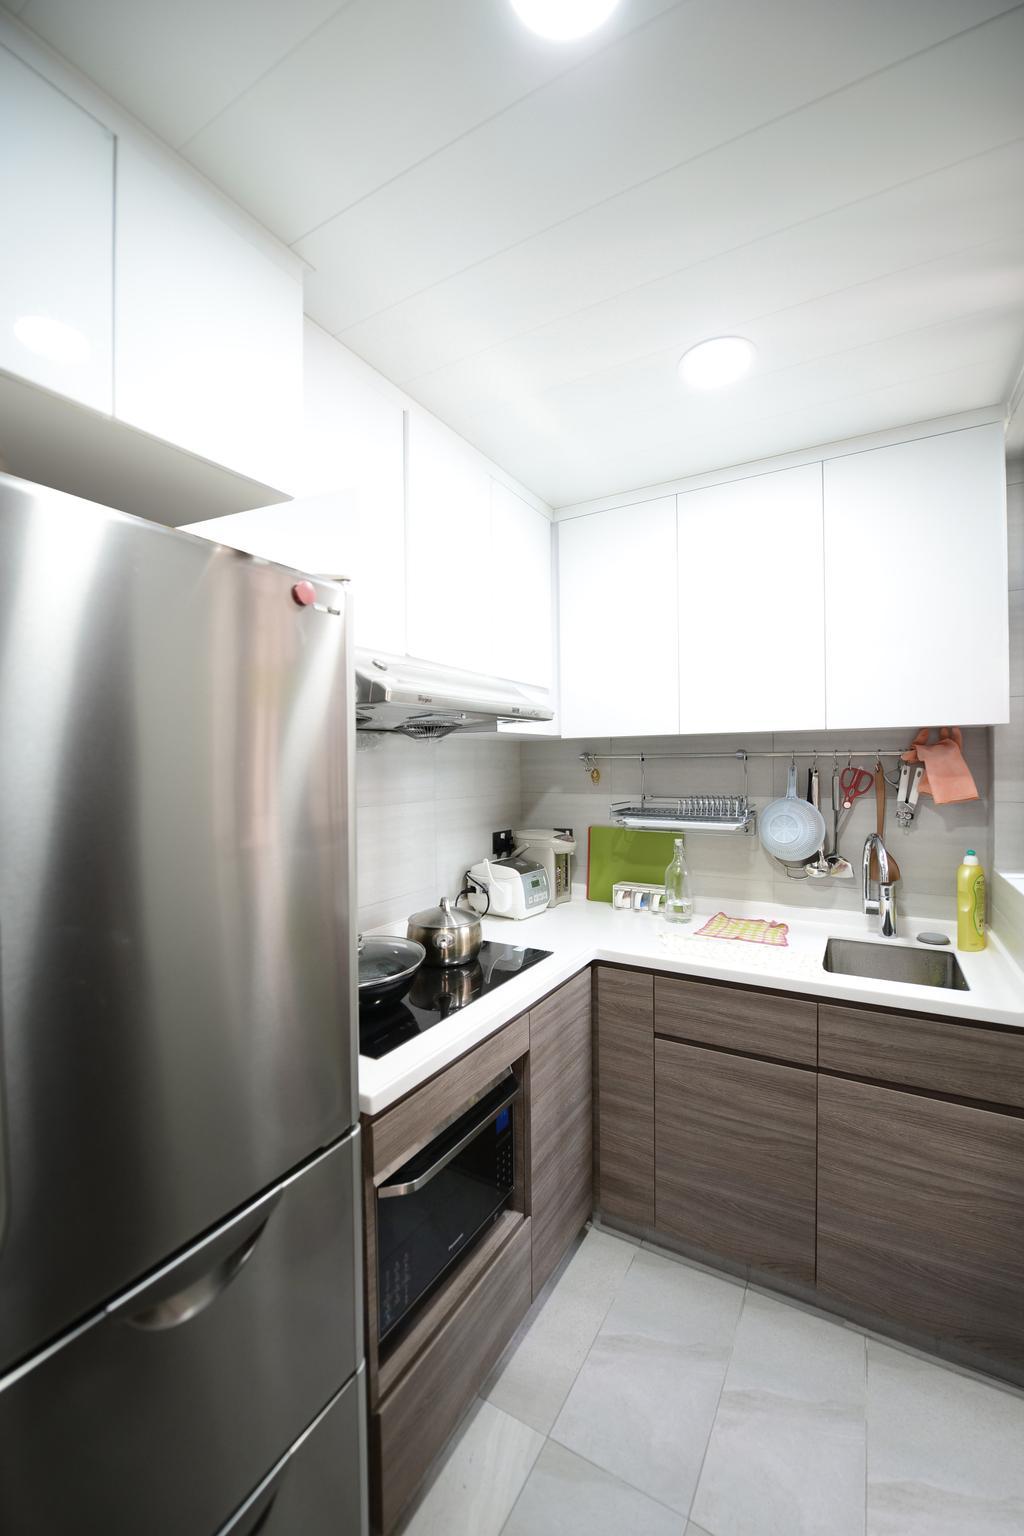 簡約, 私家樓, 廚房, 顯峰, 室內設計師, 爾雋設計, 摩登